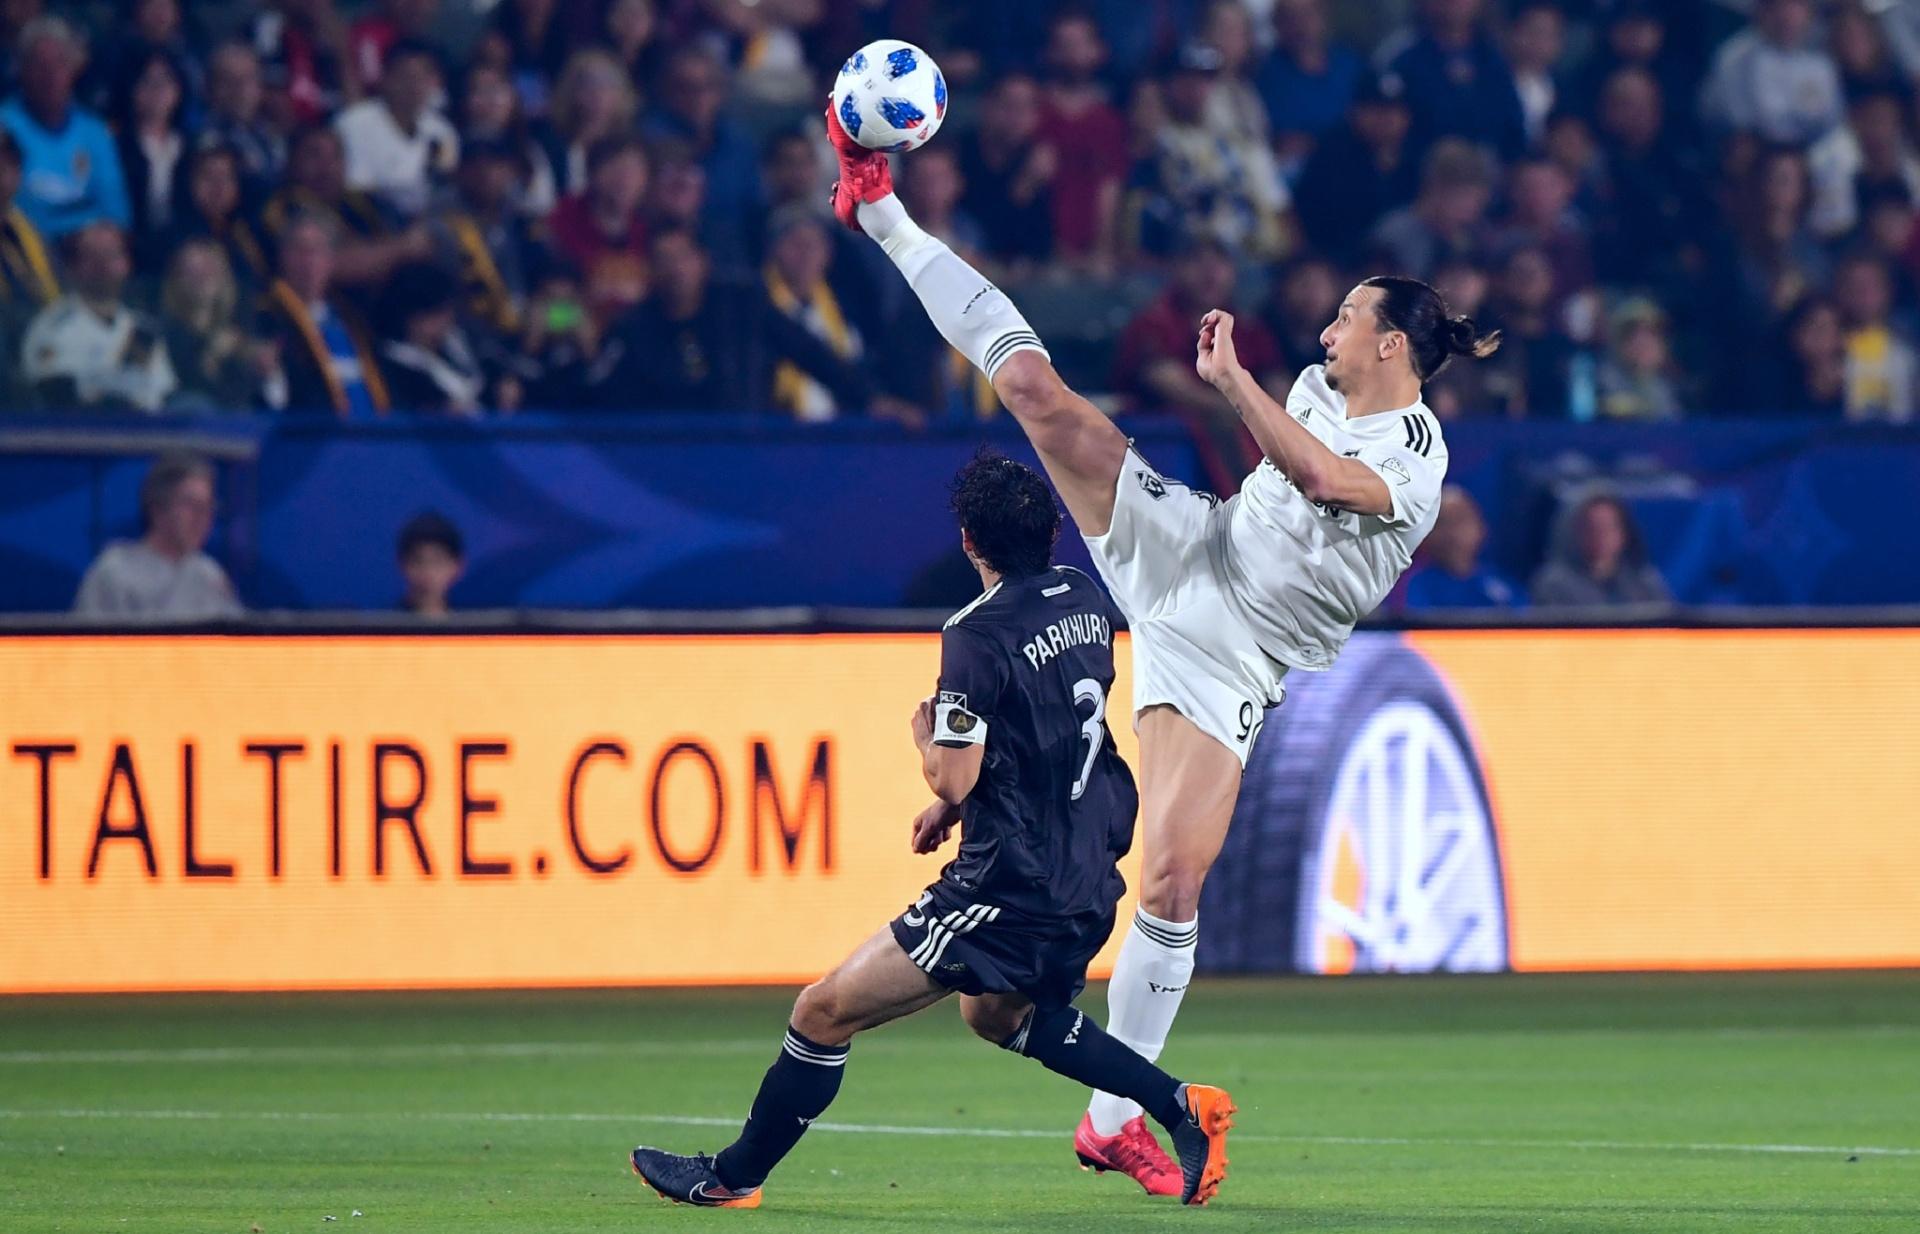 068b07c2da Ibrahimovic vai com pé às alturas para fazer passe e impressiona na MLS -  Esporte - BOL